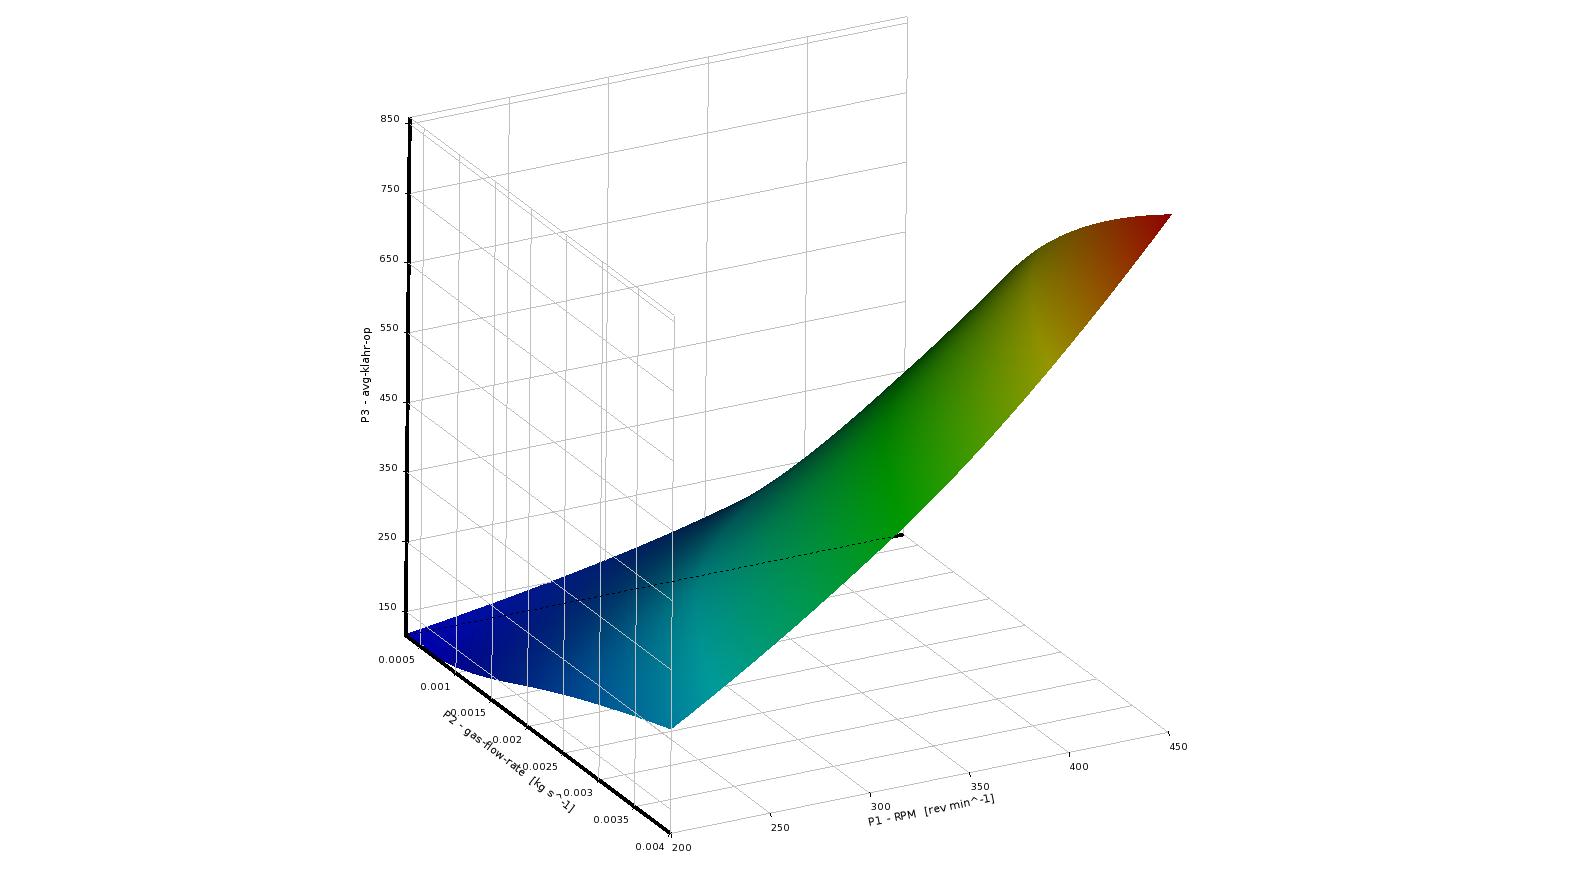 ANSYS | Поверхность отклика, характеризующая зависимость среднего значения коэффициента массопереноса от следующих параметров: расход газа и скорость перемешивания